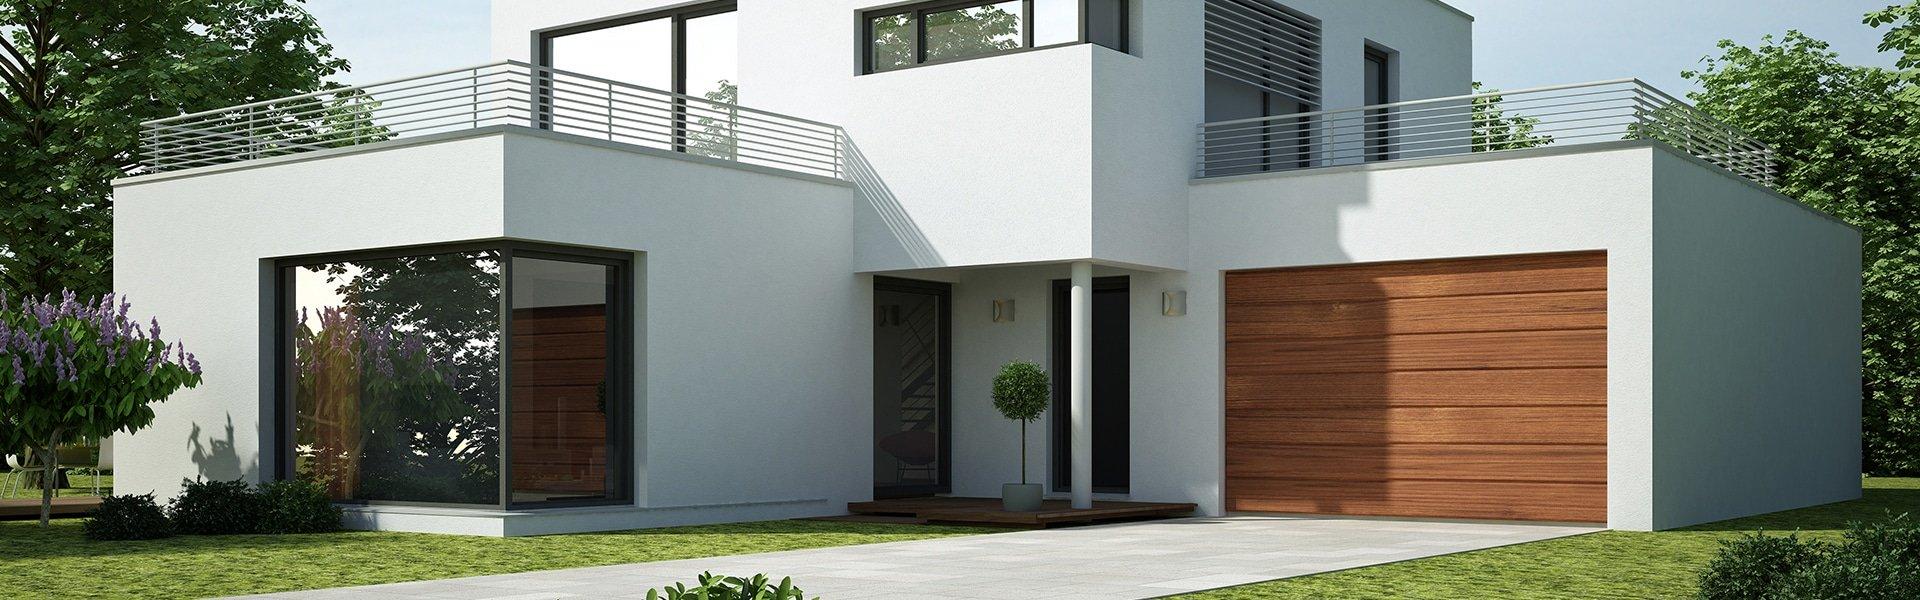 Agrandir sa maison avec une extension toit plat